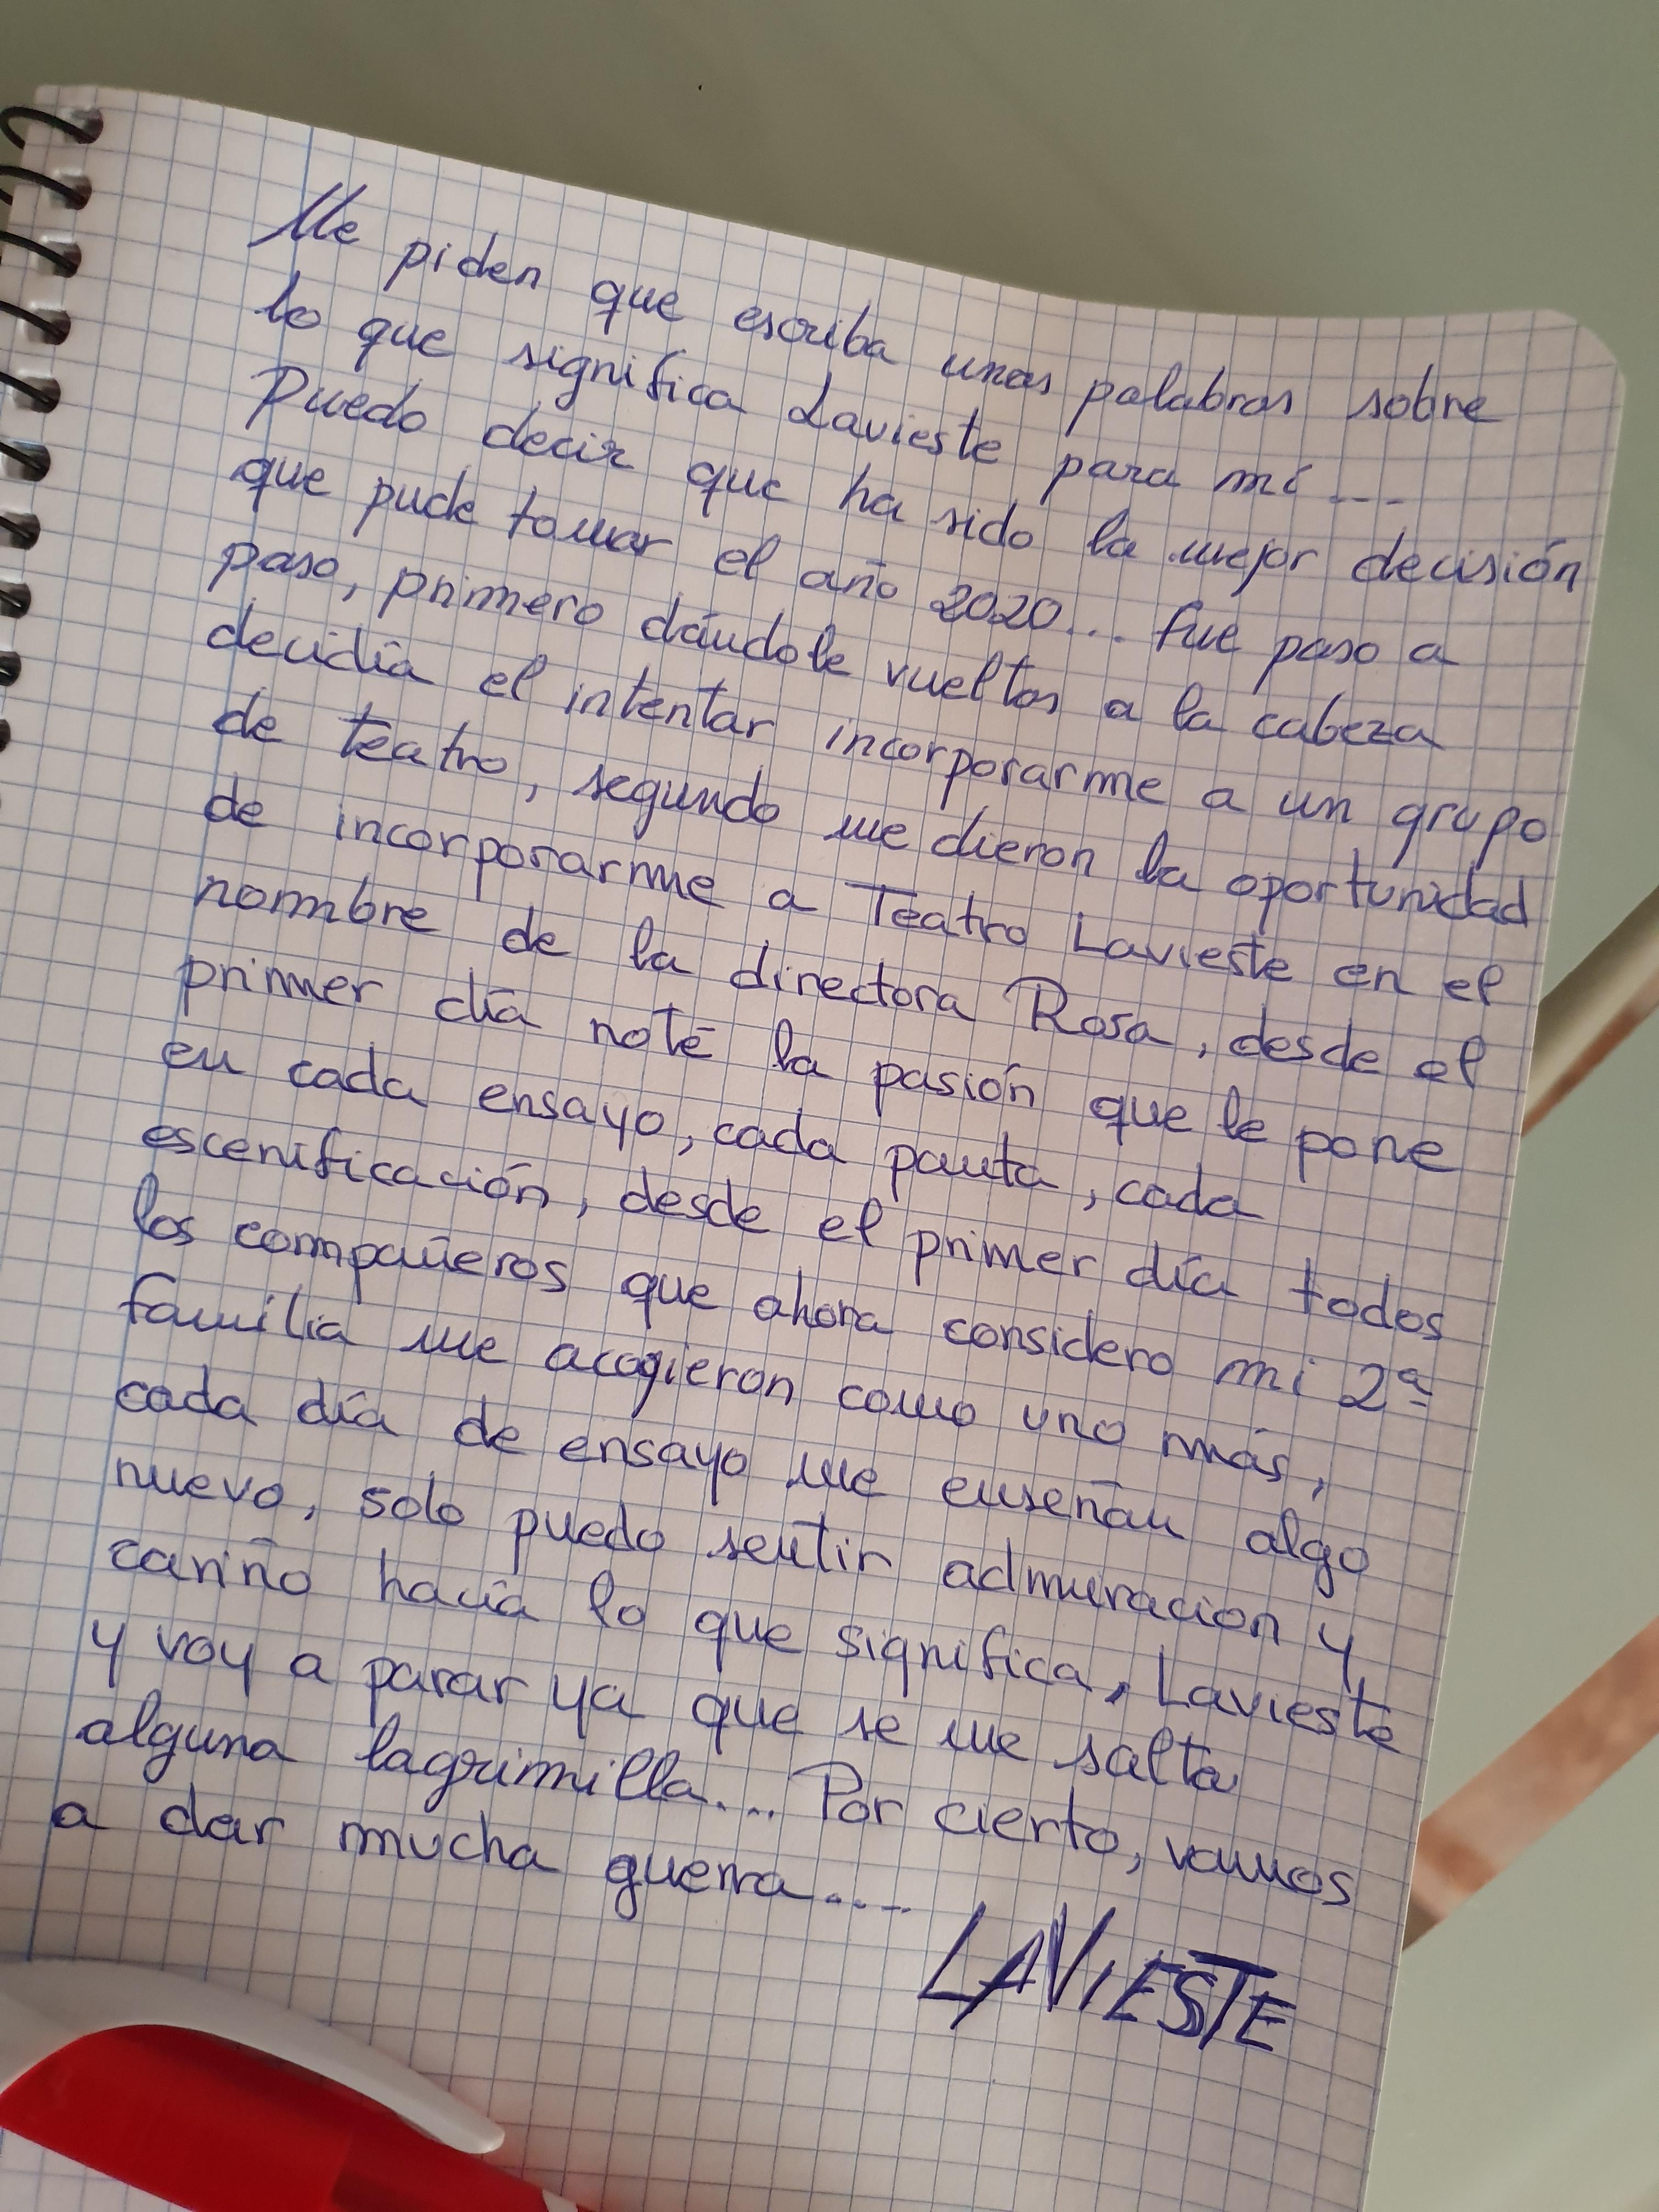 Escrito de Martín Bermejo